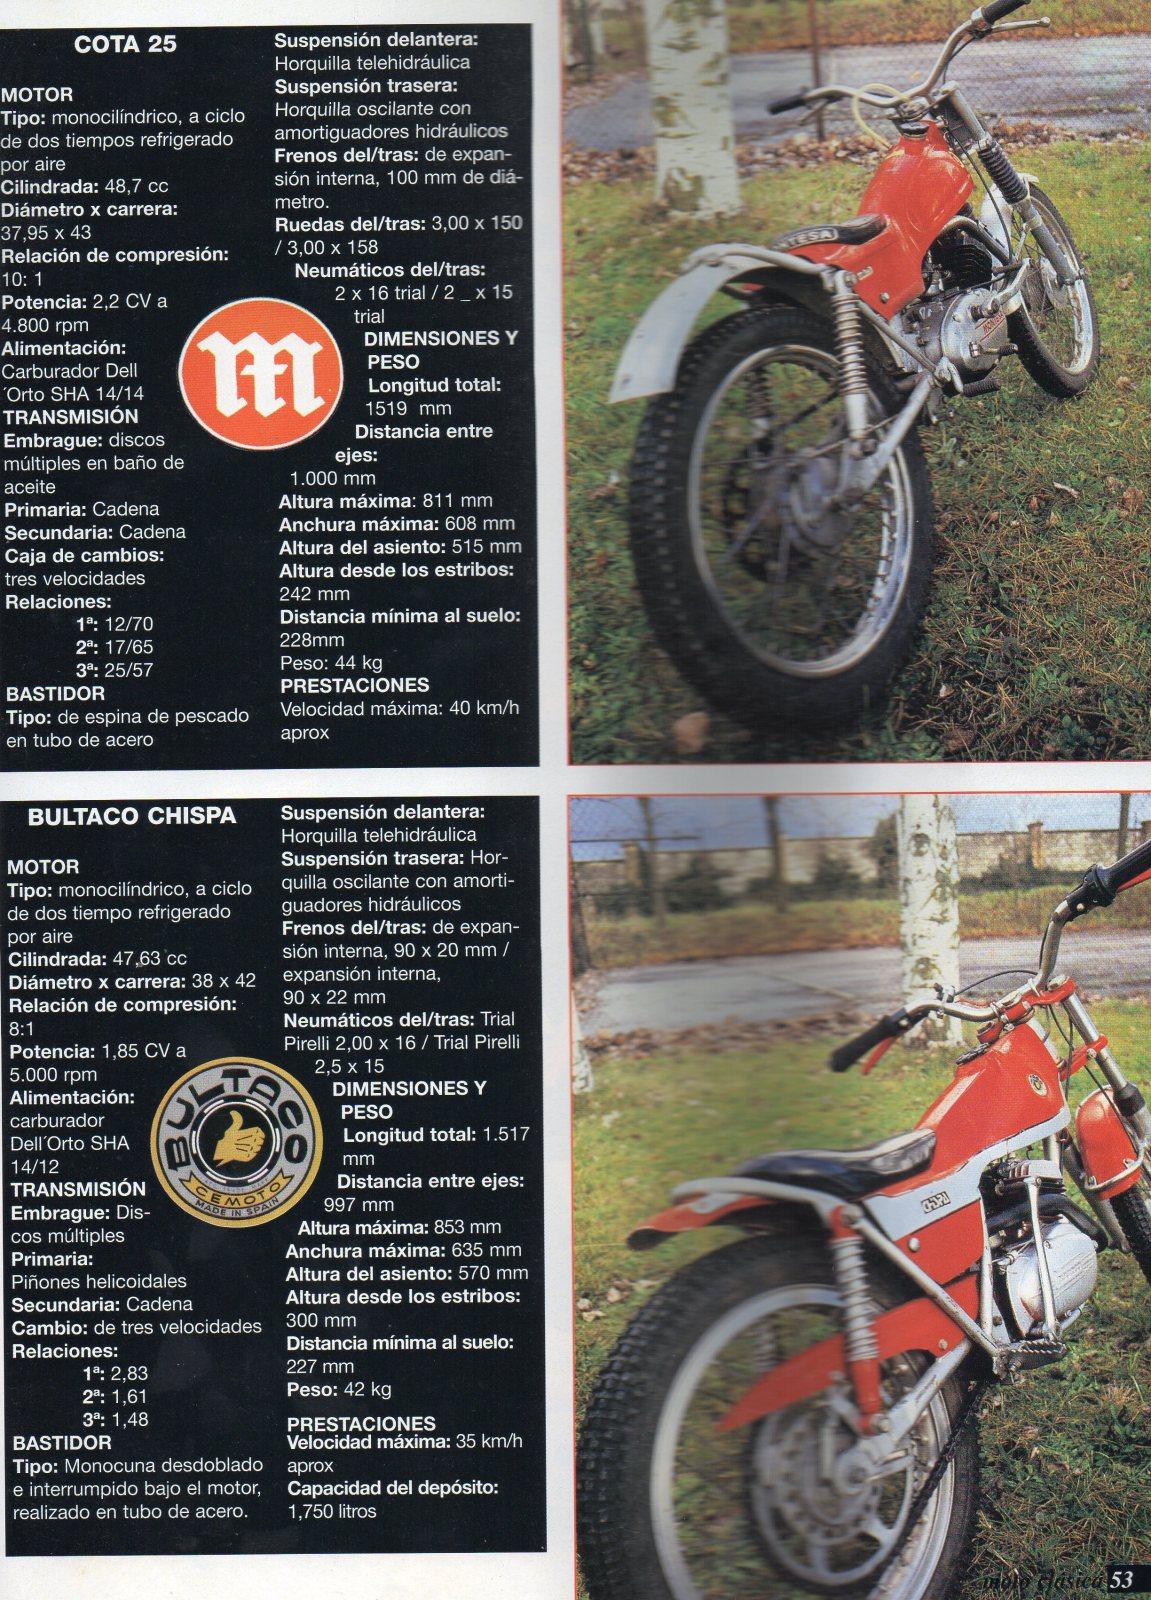 Comparativa Cota 25 con Bultaco chispa 2e24cw9